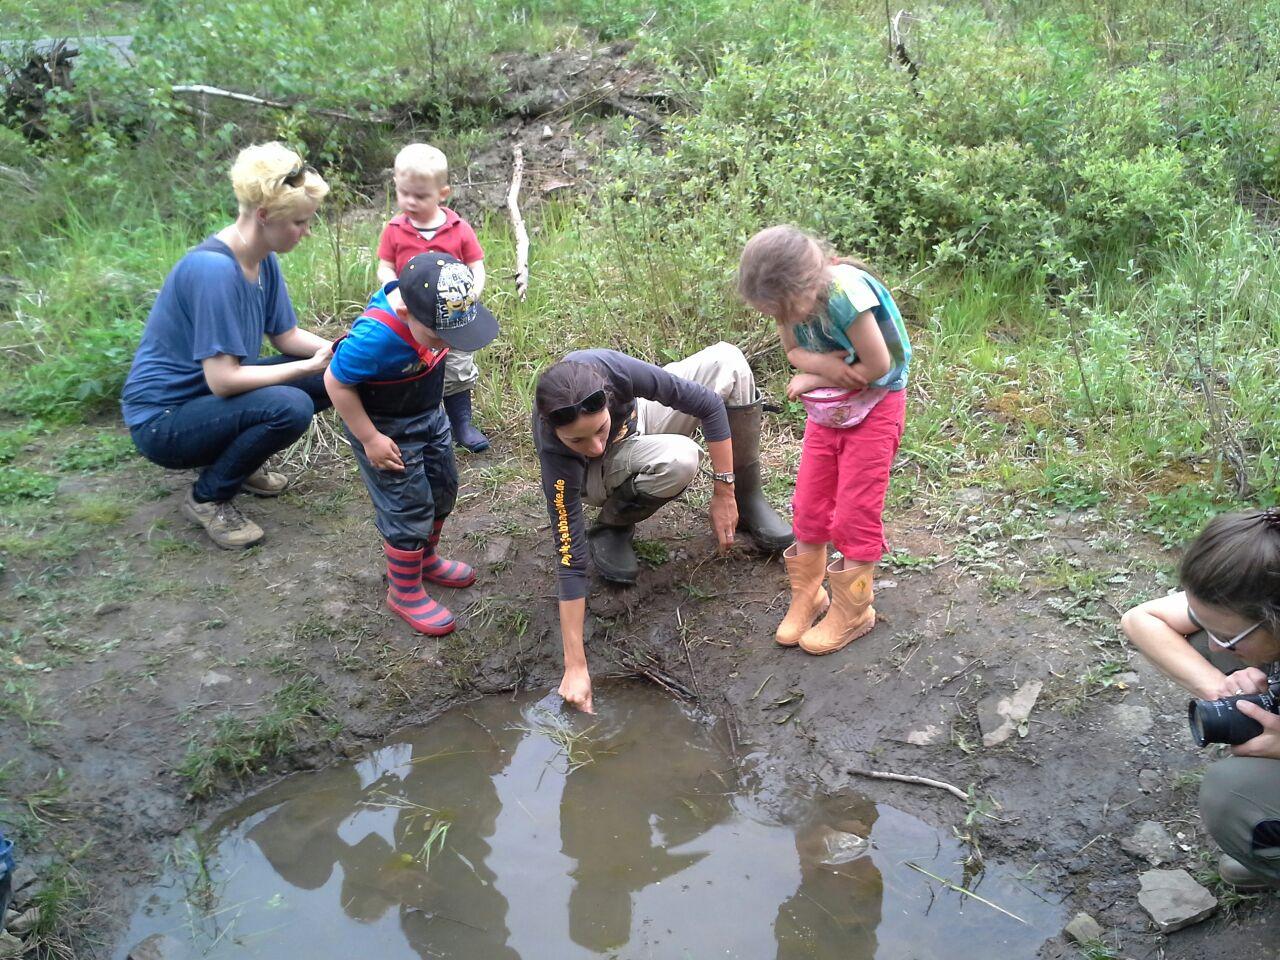 Die Kinder schauen in den Tümpeln nach Amphibien. - Foto: Britta Raabe